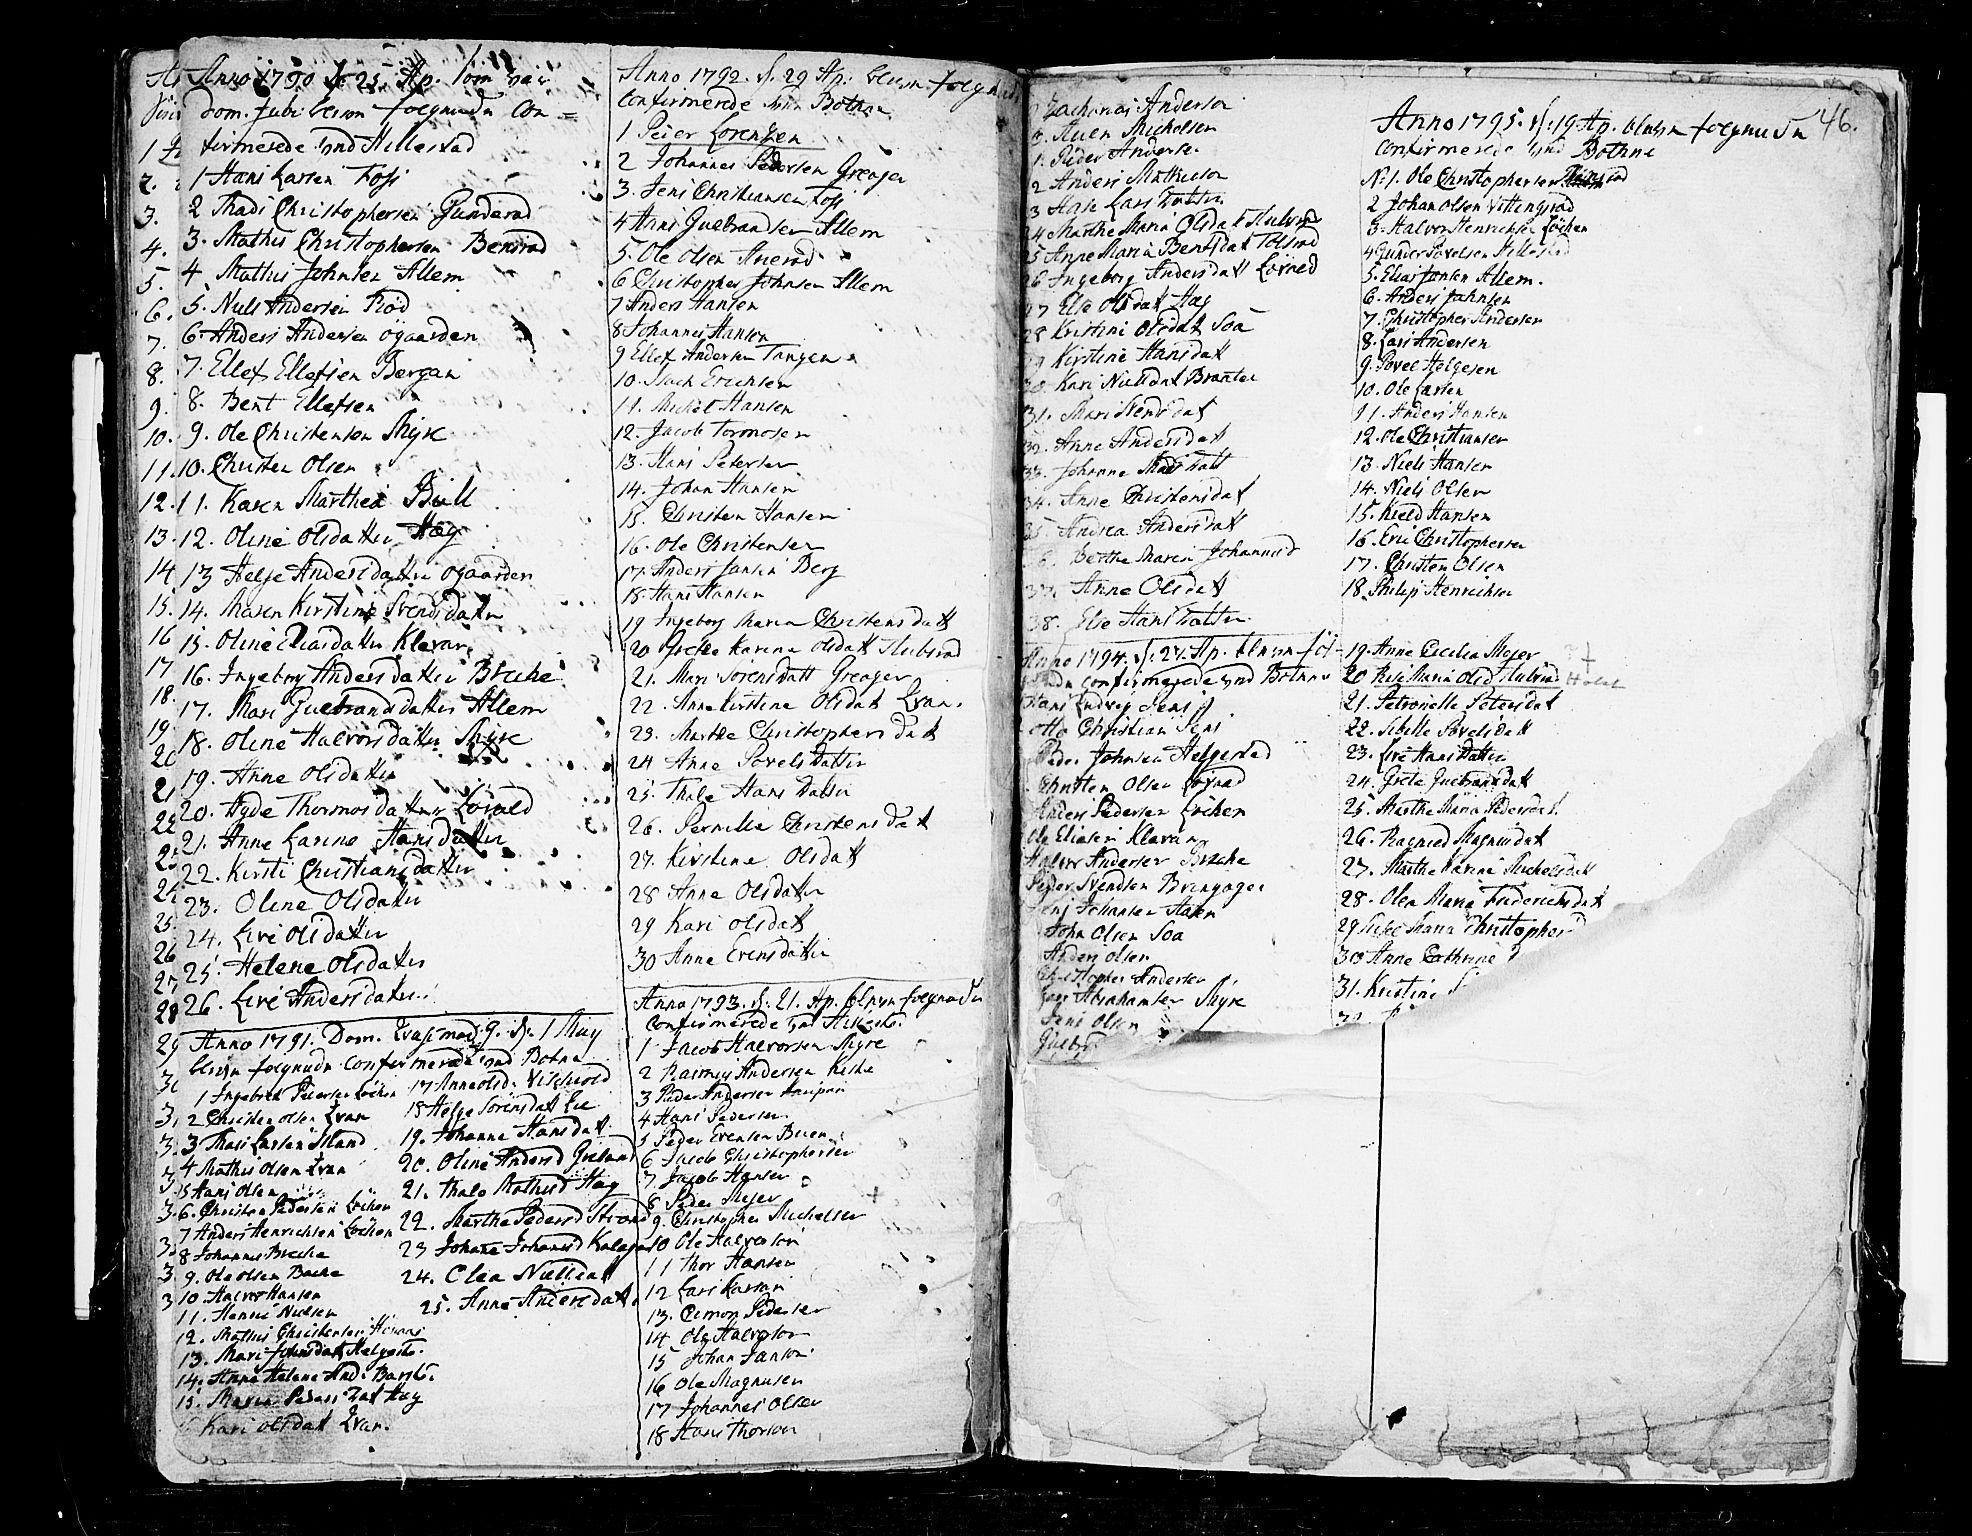 SAKO, Botne kirkebøker, F/Fa/L0002: Ministerialbok nr. I 2, 1779-1791, s. 46